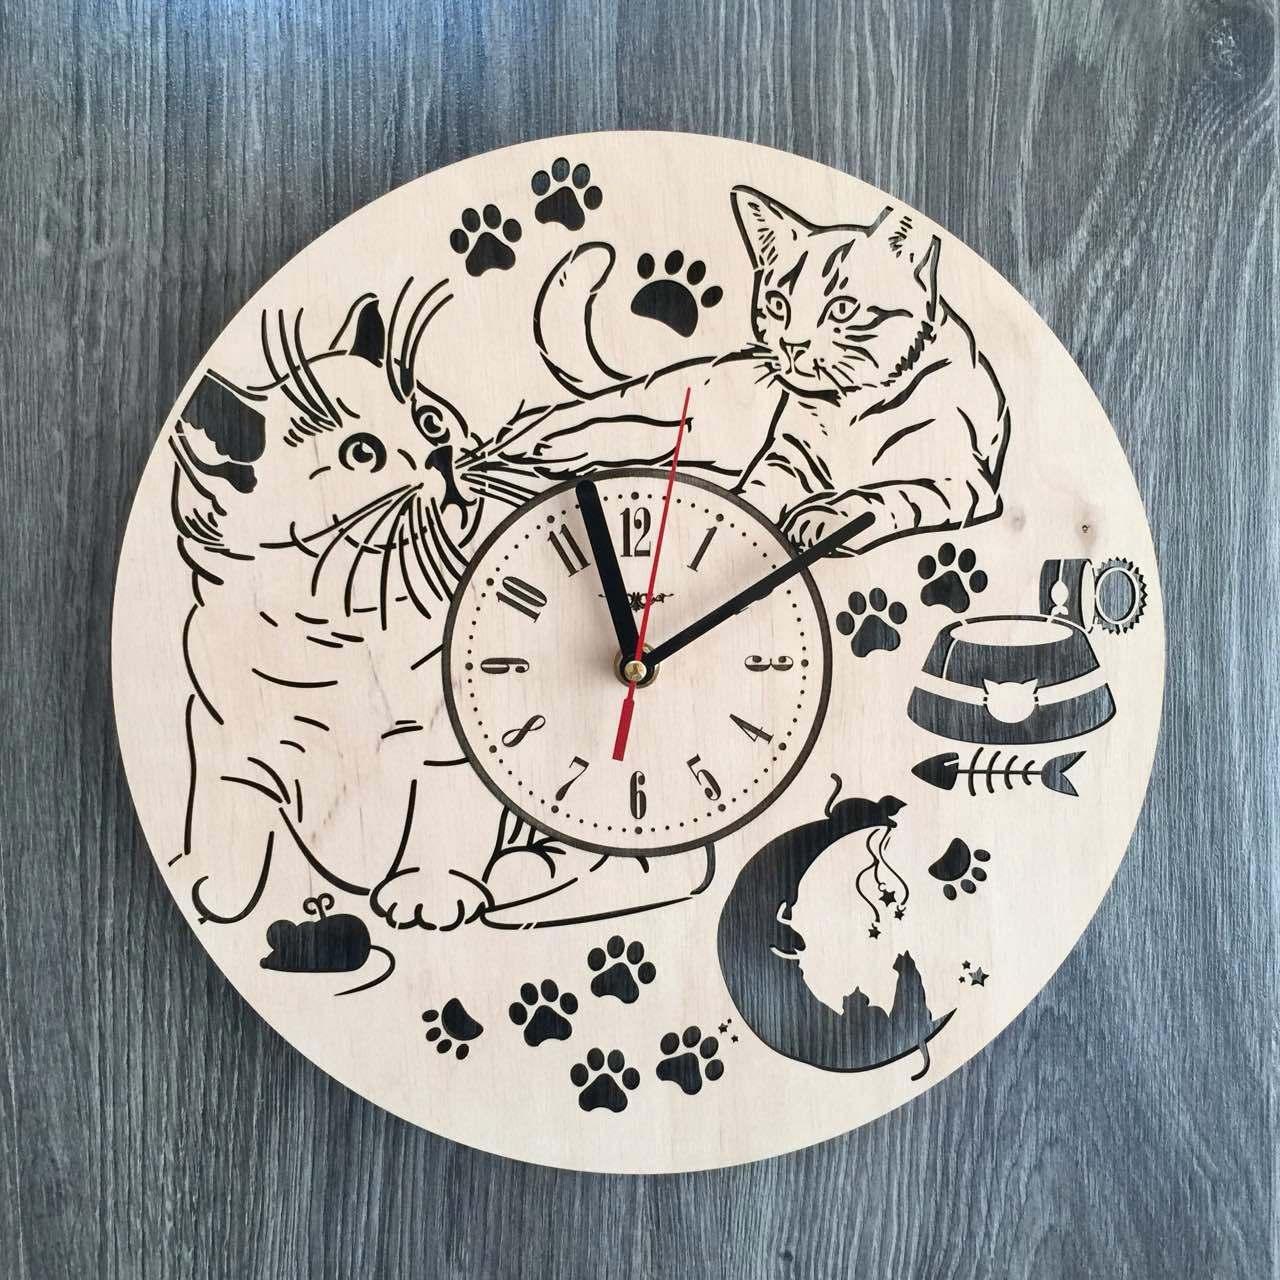 Универсальные настенные часы из дерева 7Arts Пушистые котики CL-0155